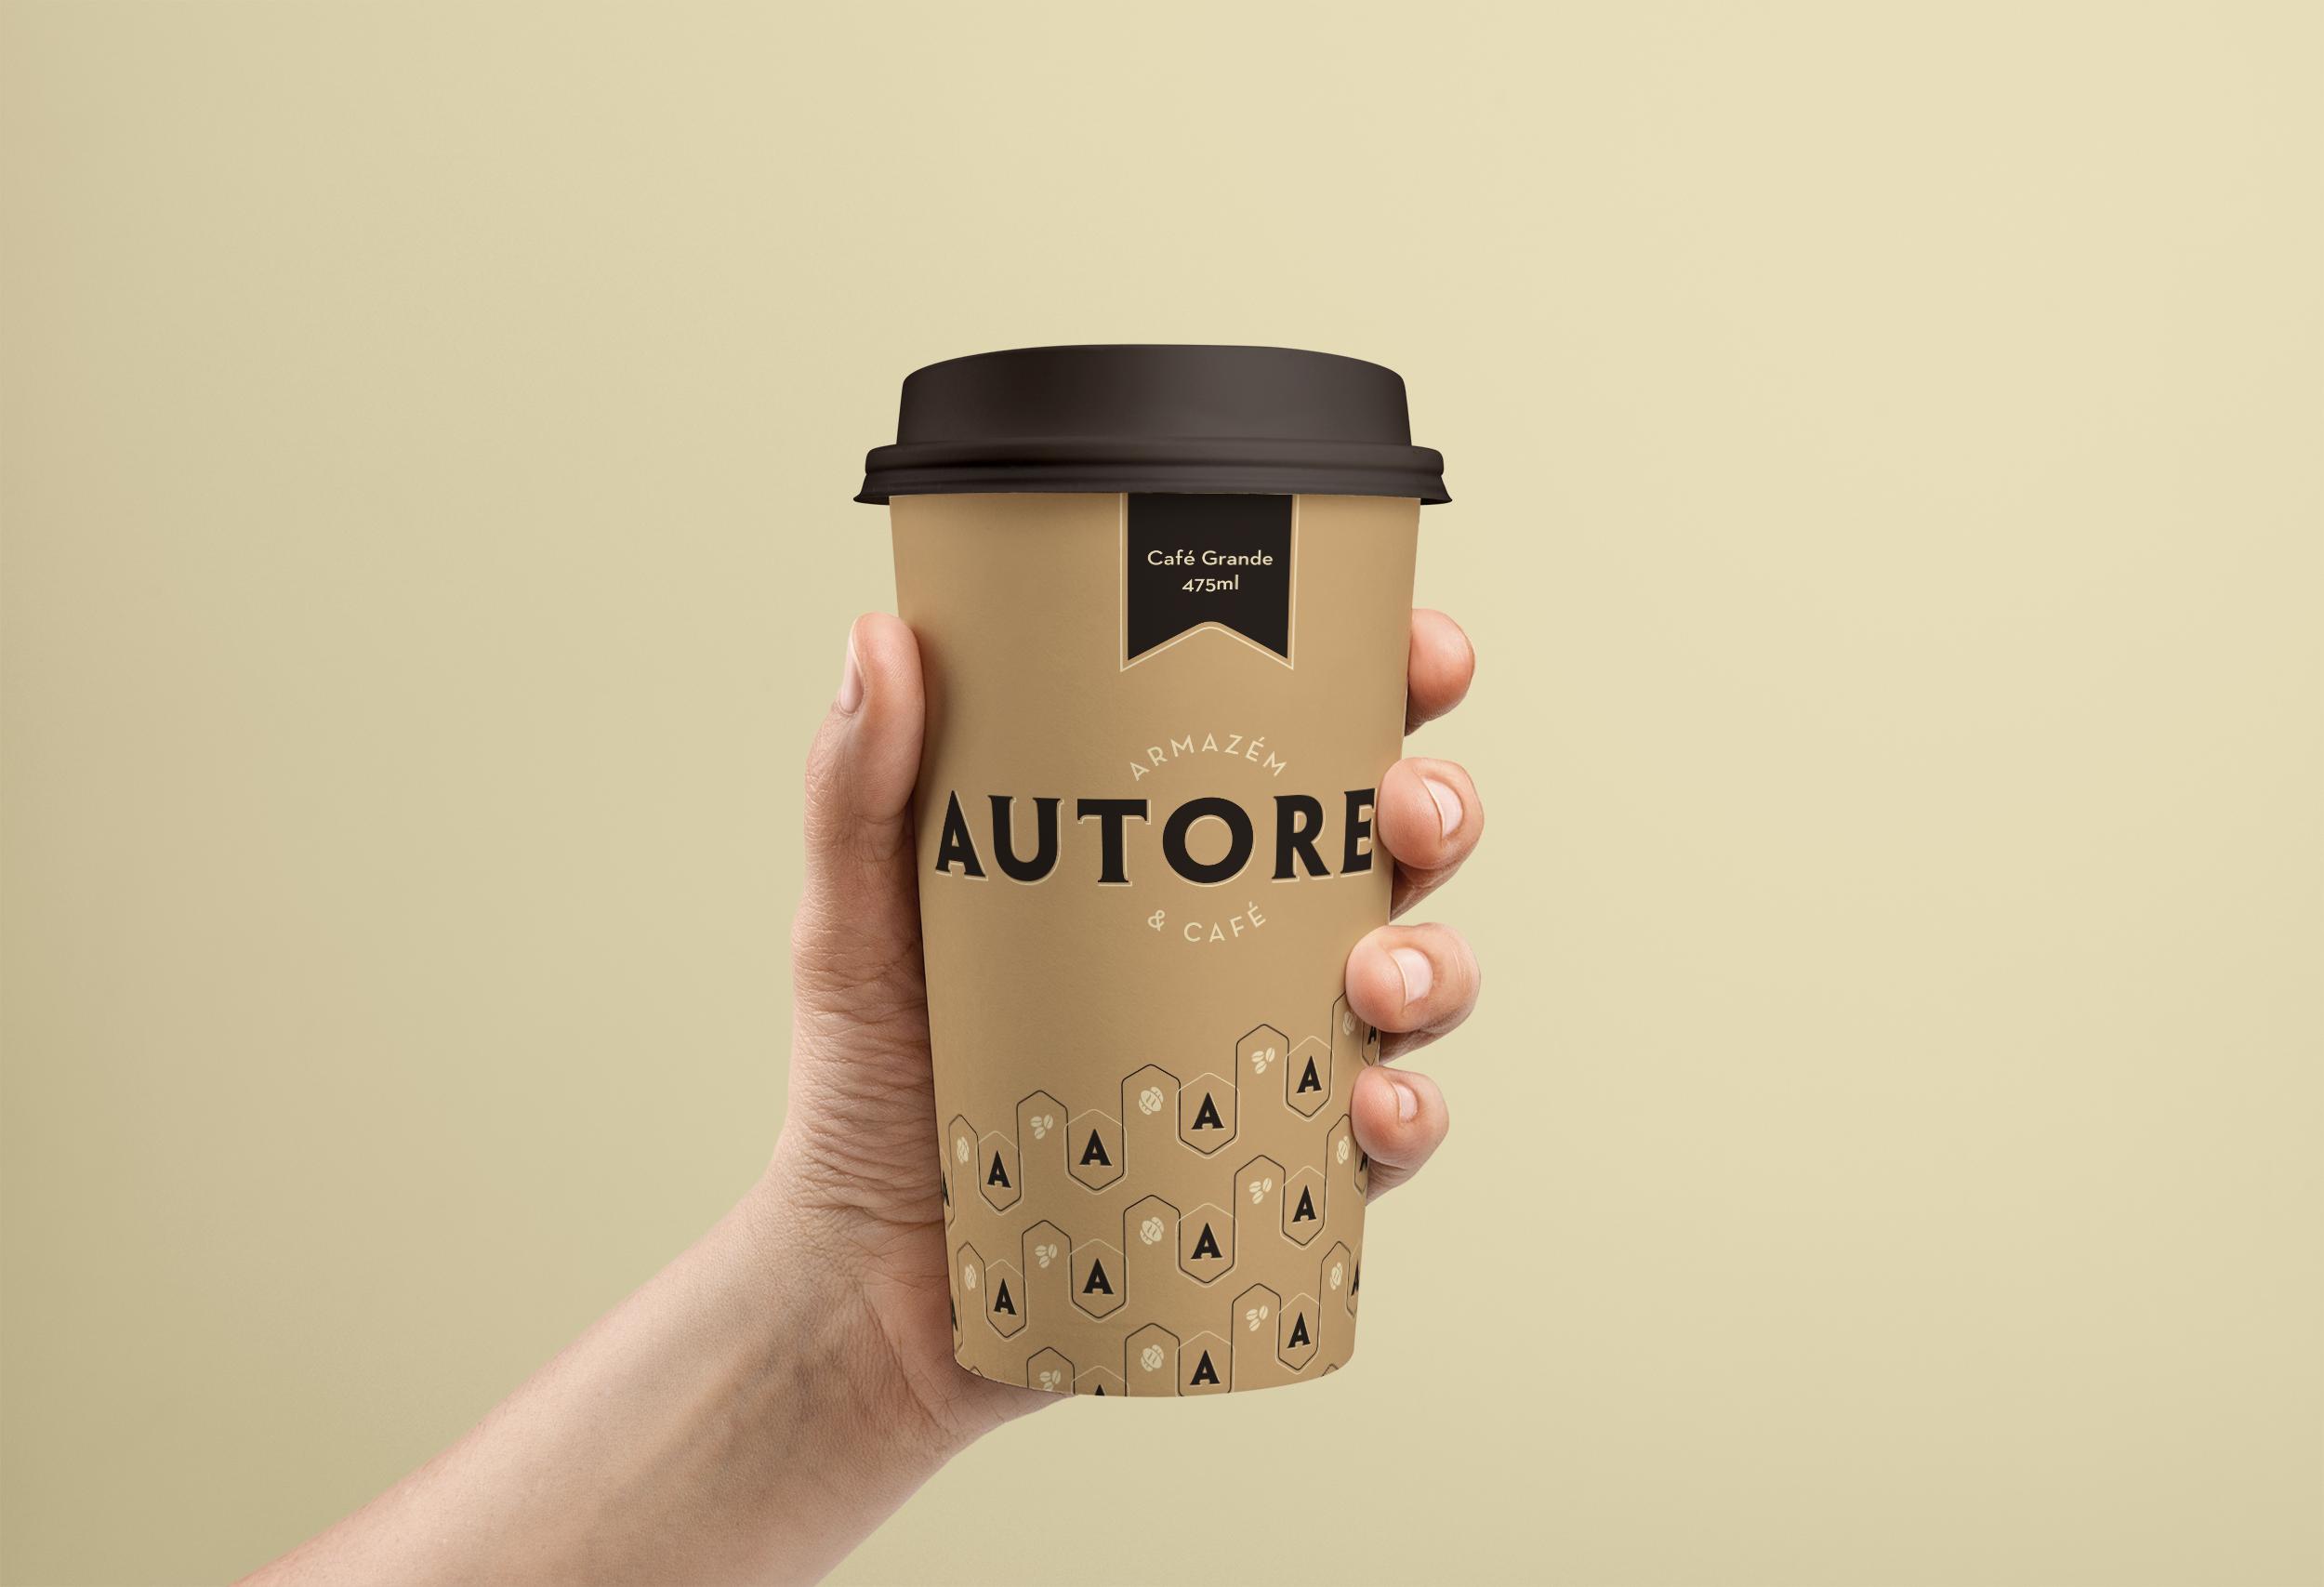 Autore Armazém& Café